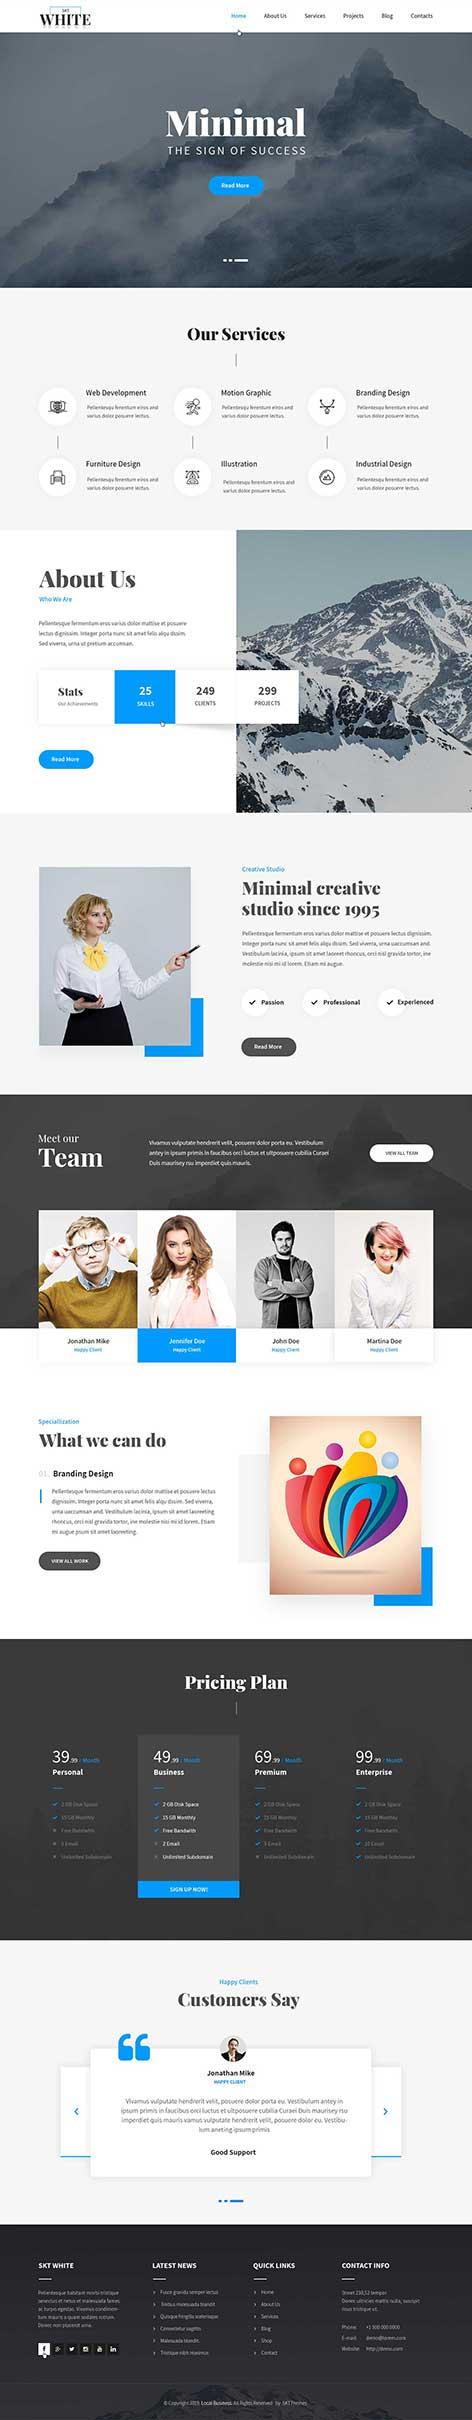 responsive white WordPress theme